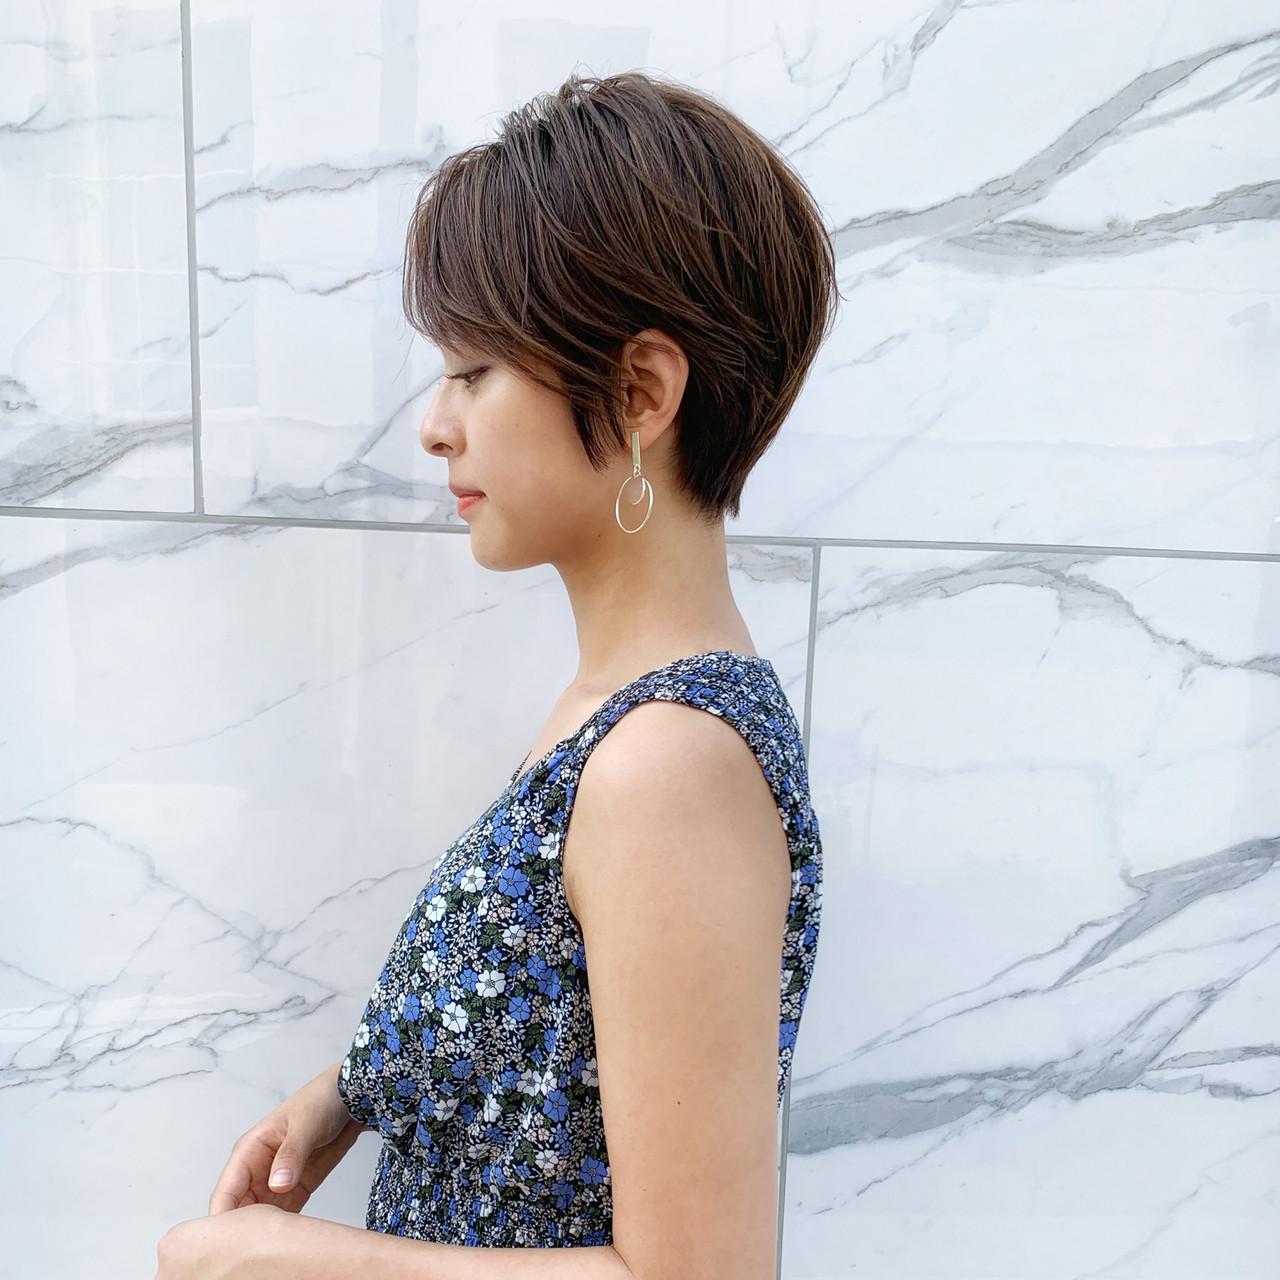 ショートボブ 小顔 ショート 絶壁カバー ヘアスタイルや髪型の写真・画像 | MANOHARU 新屋敷 / MANOHARU